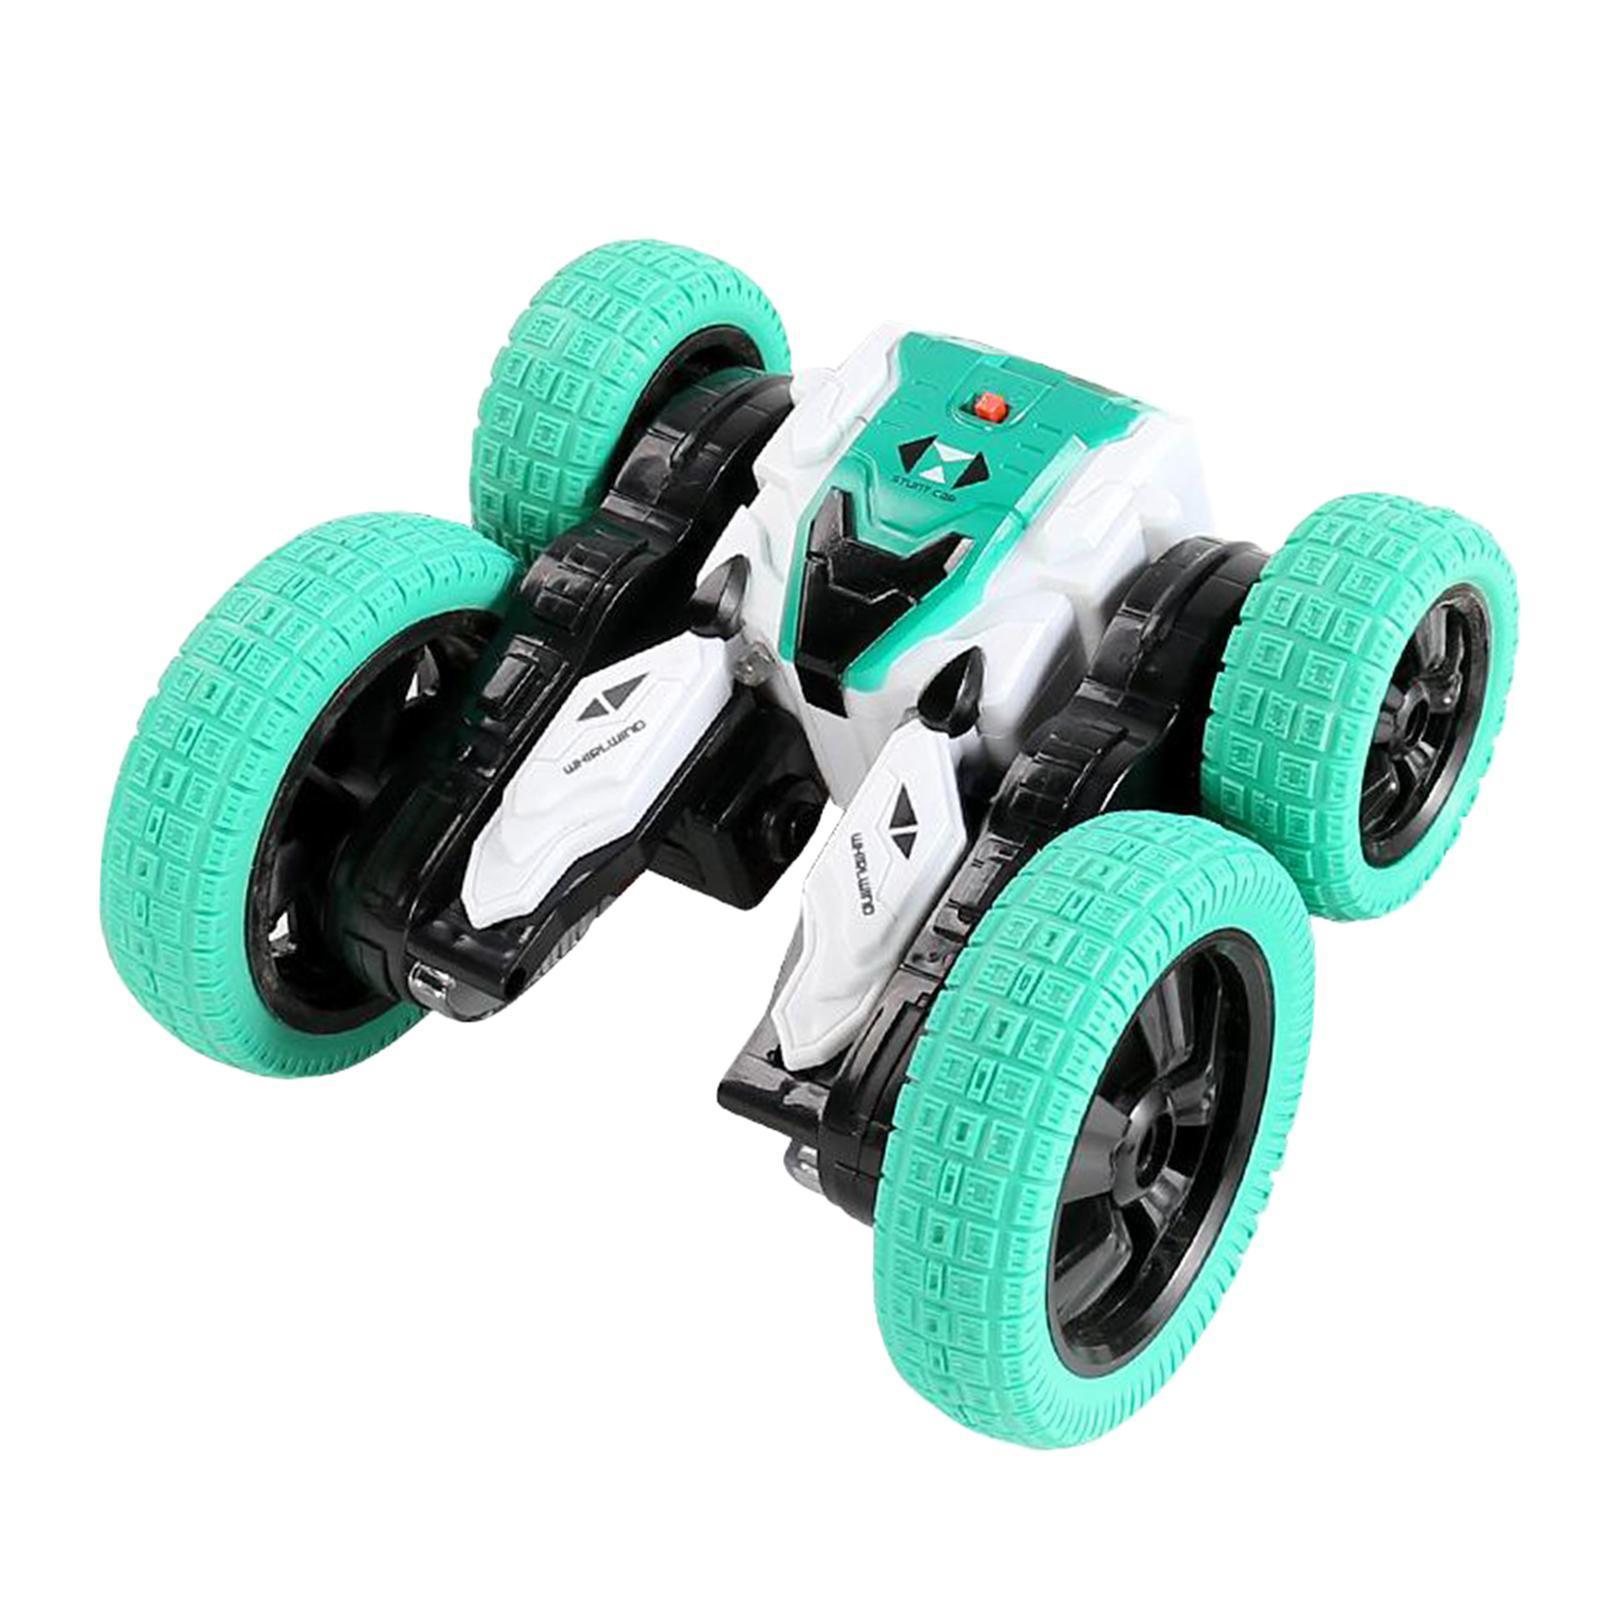 miniatura 29 - Telecomando Auto Stunt Car Giocattolo Per Bambini 2.4GHz di Controllo Remoto